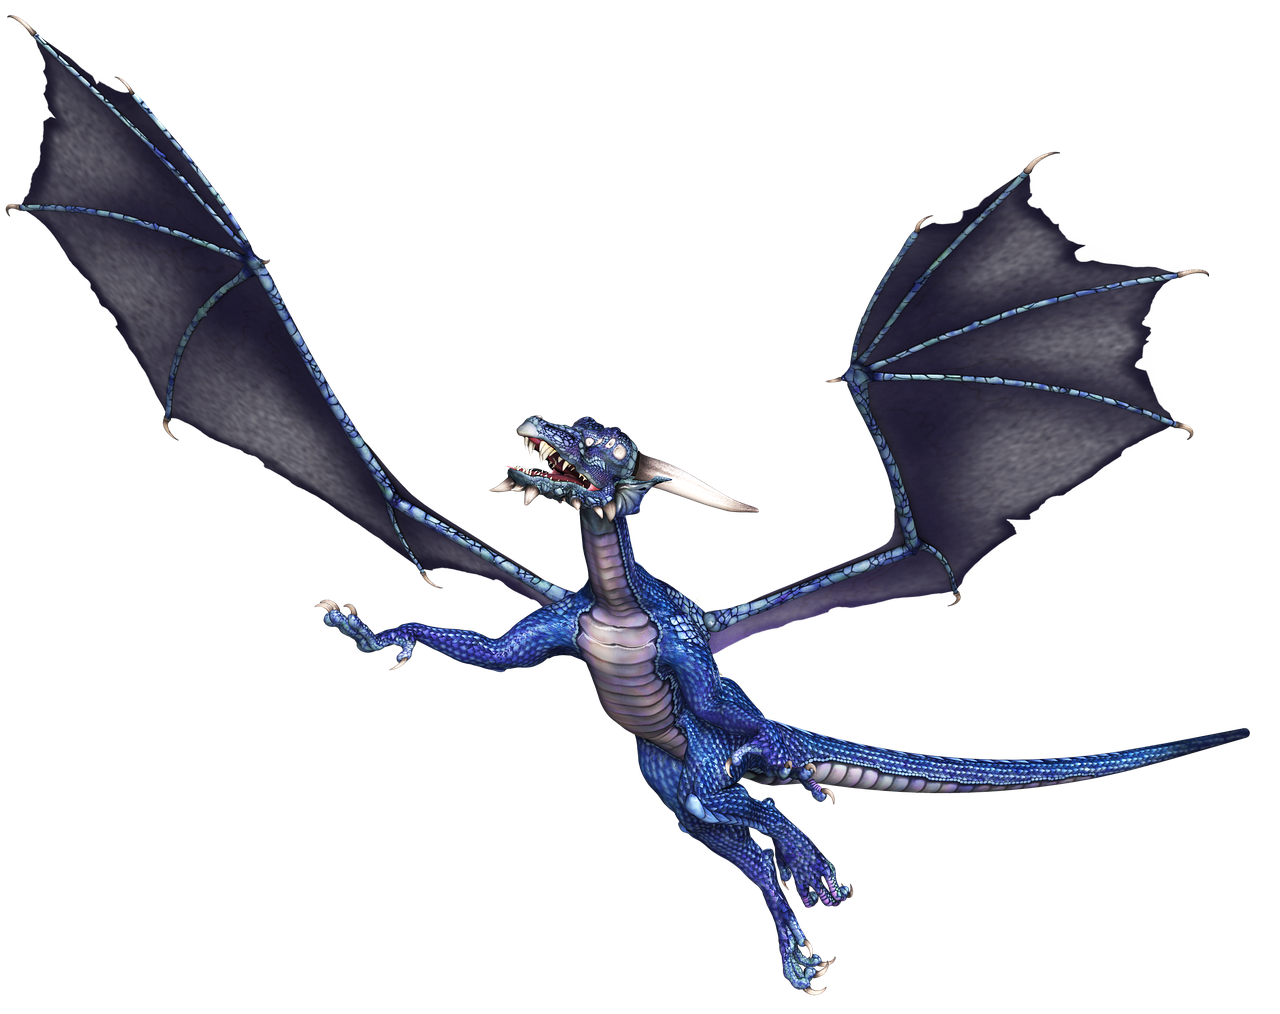 первым картинки крылья драконов найти мой